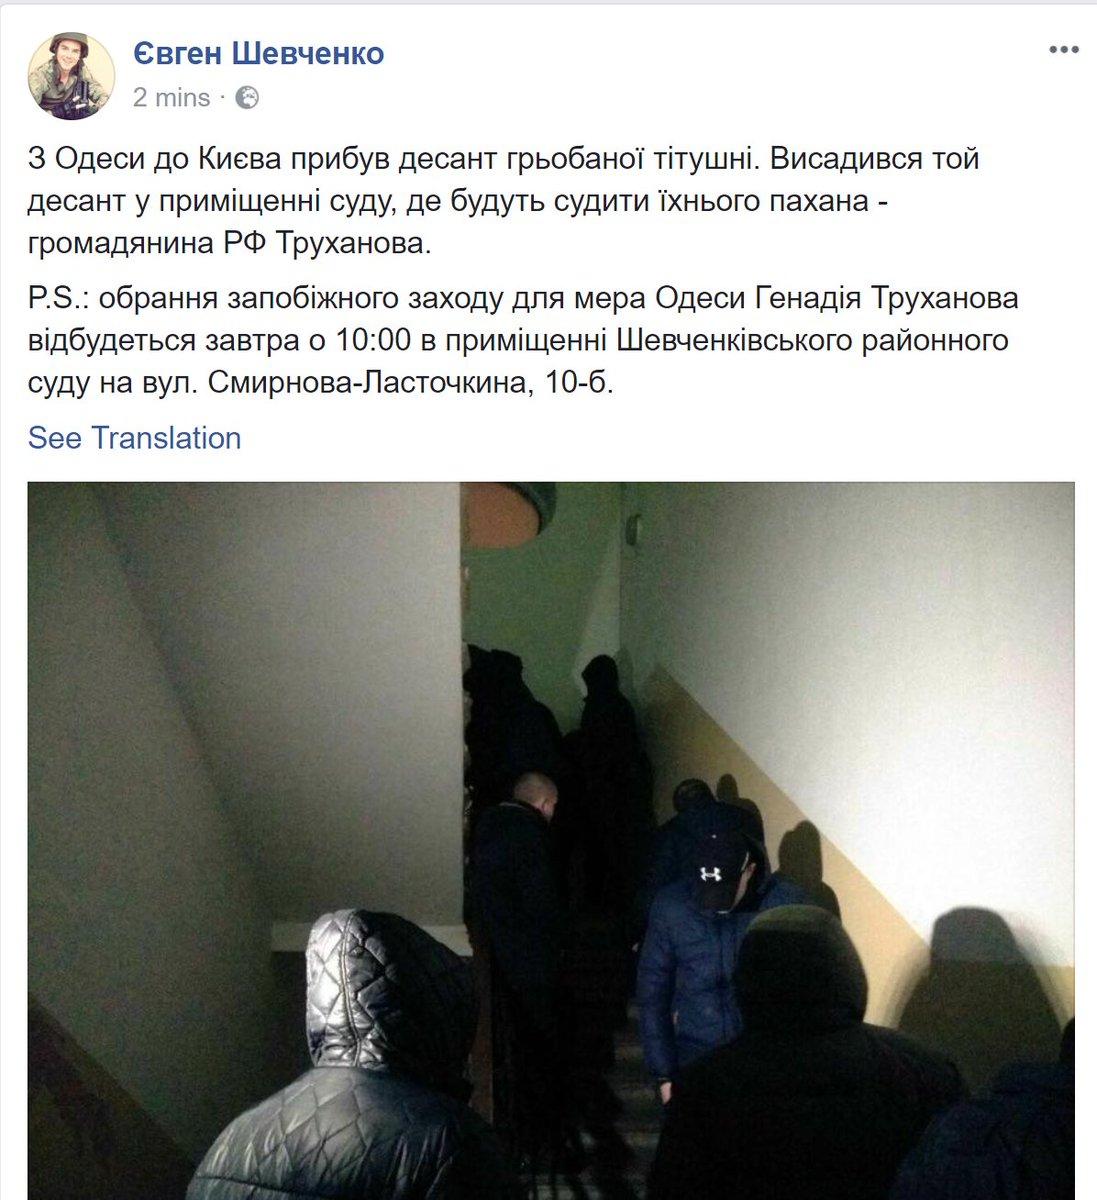 Спасатели предупредили о значительной лавинной опасности в горах Ивано-Франковской области, - ГСЧС - Цензор.НЕТ 6916